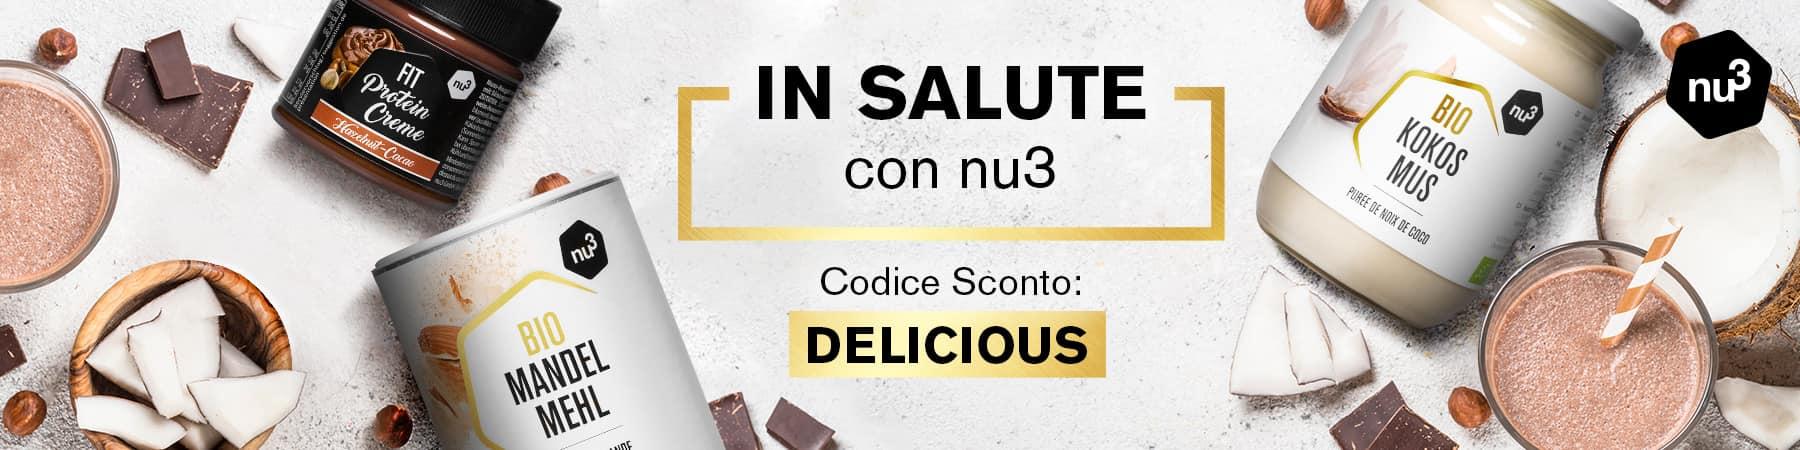 nu3 italia